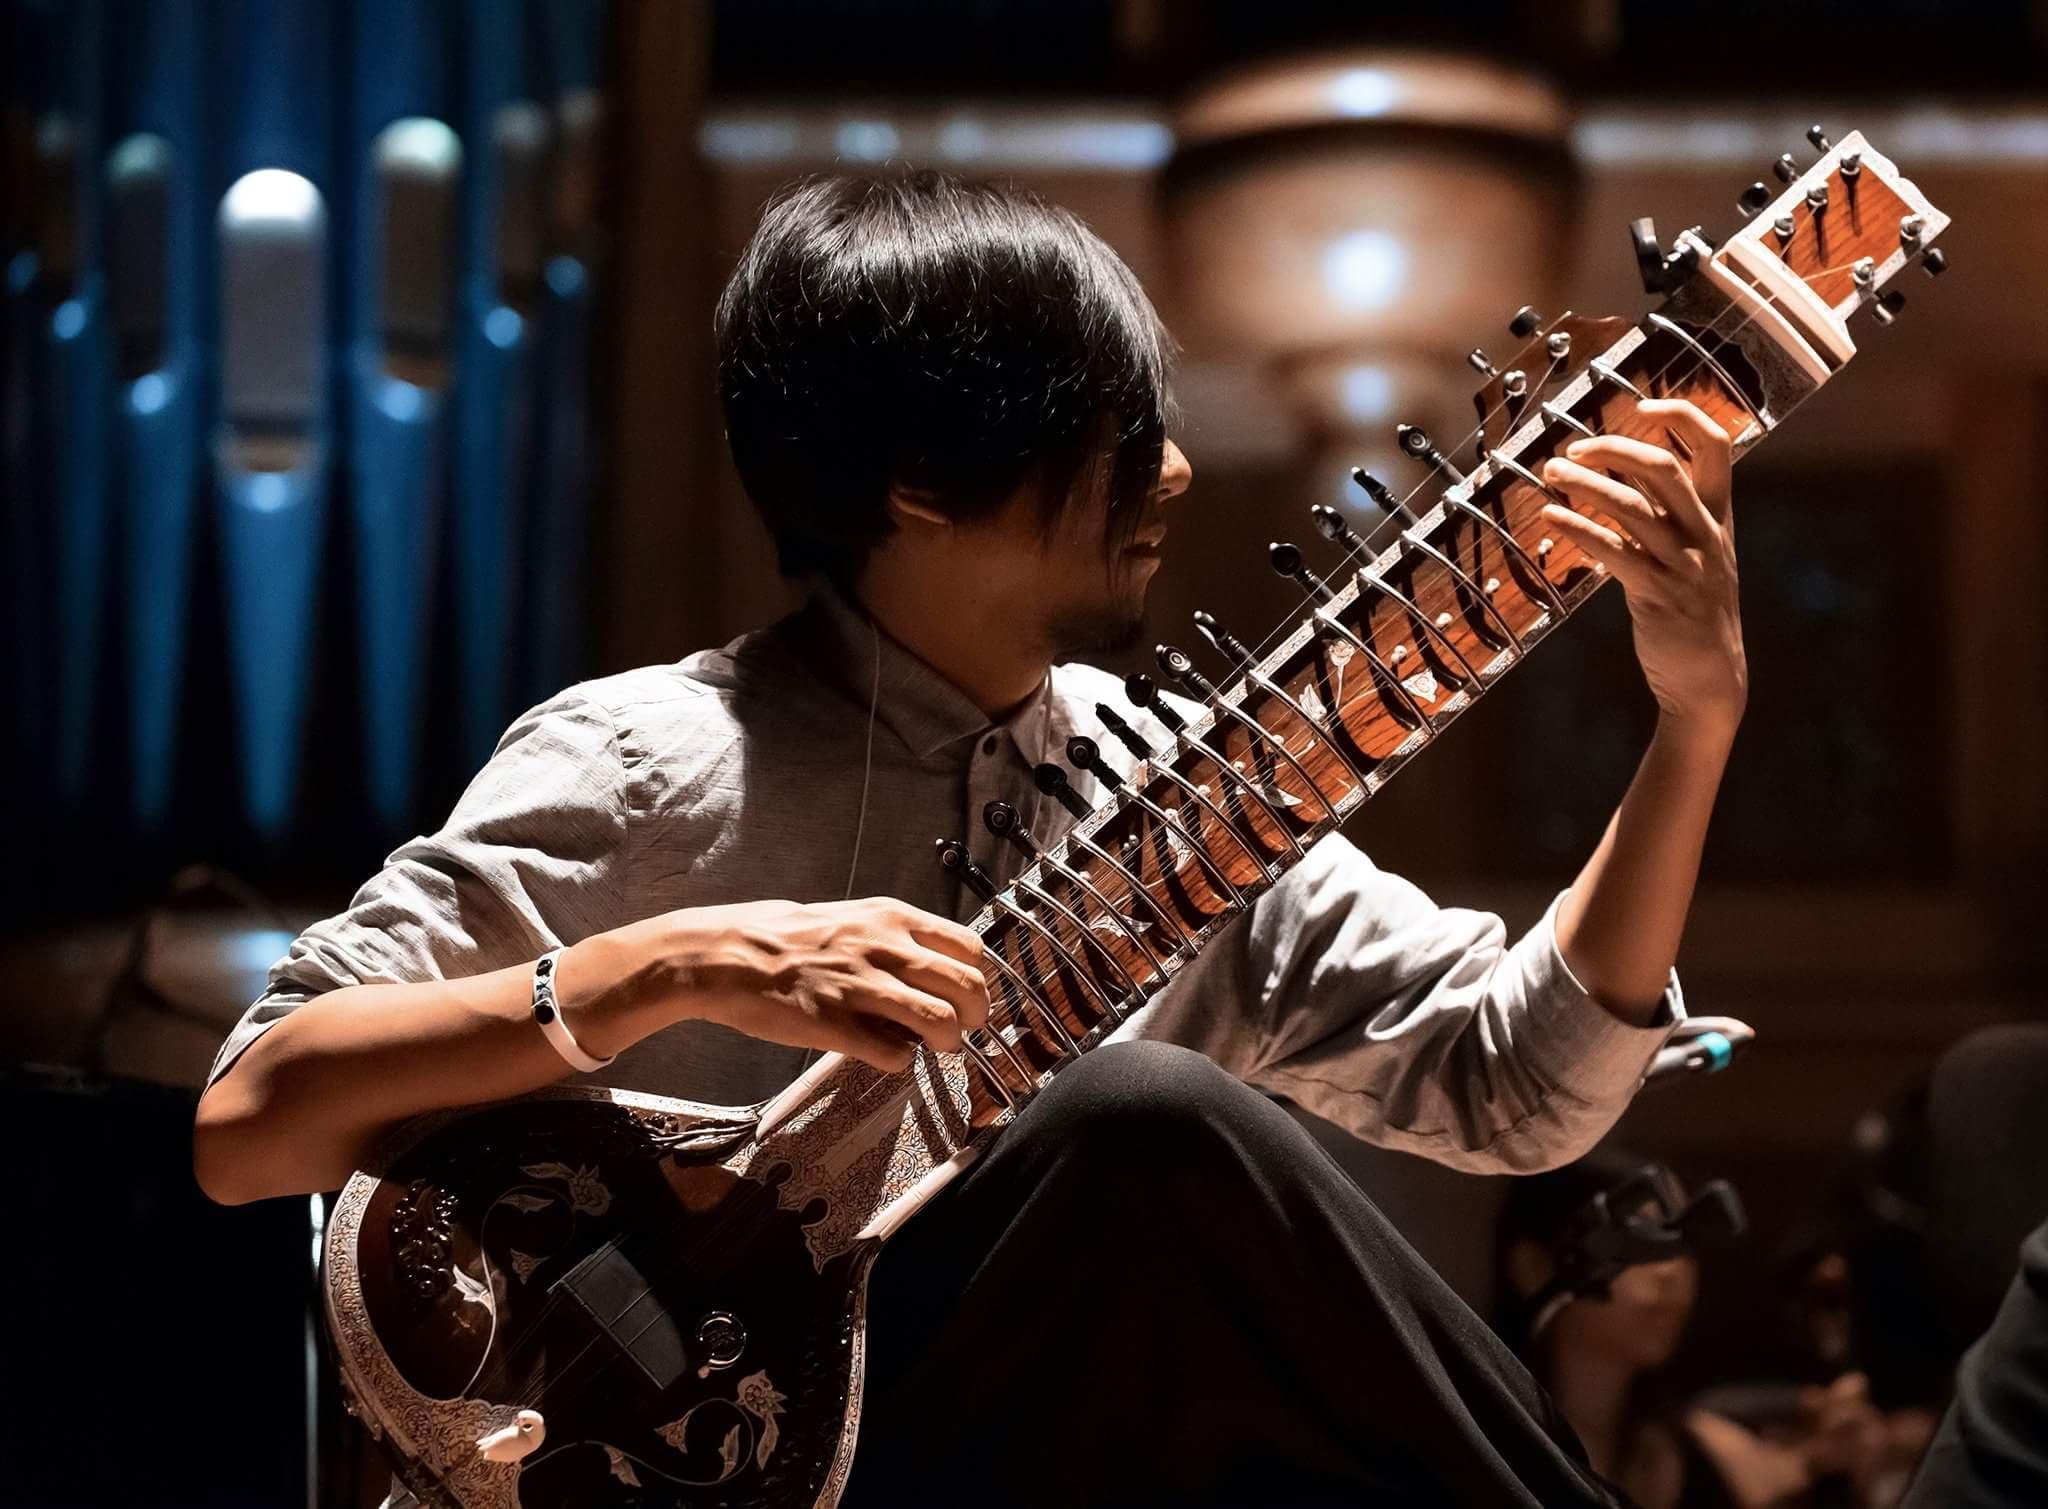 照片:吳欣澤 Uz AZeR ∣ 西塔琴、人聲